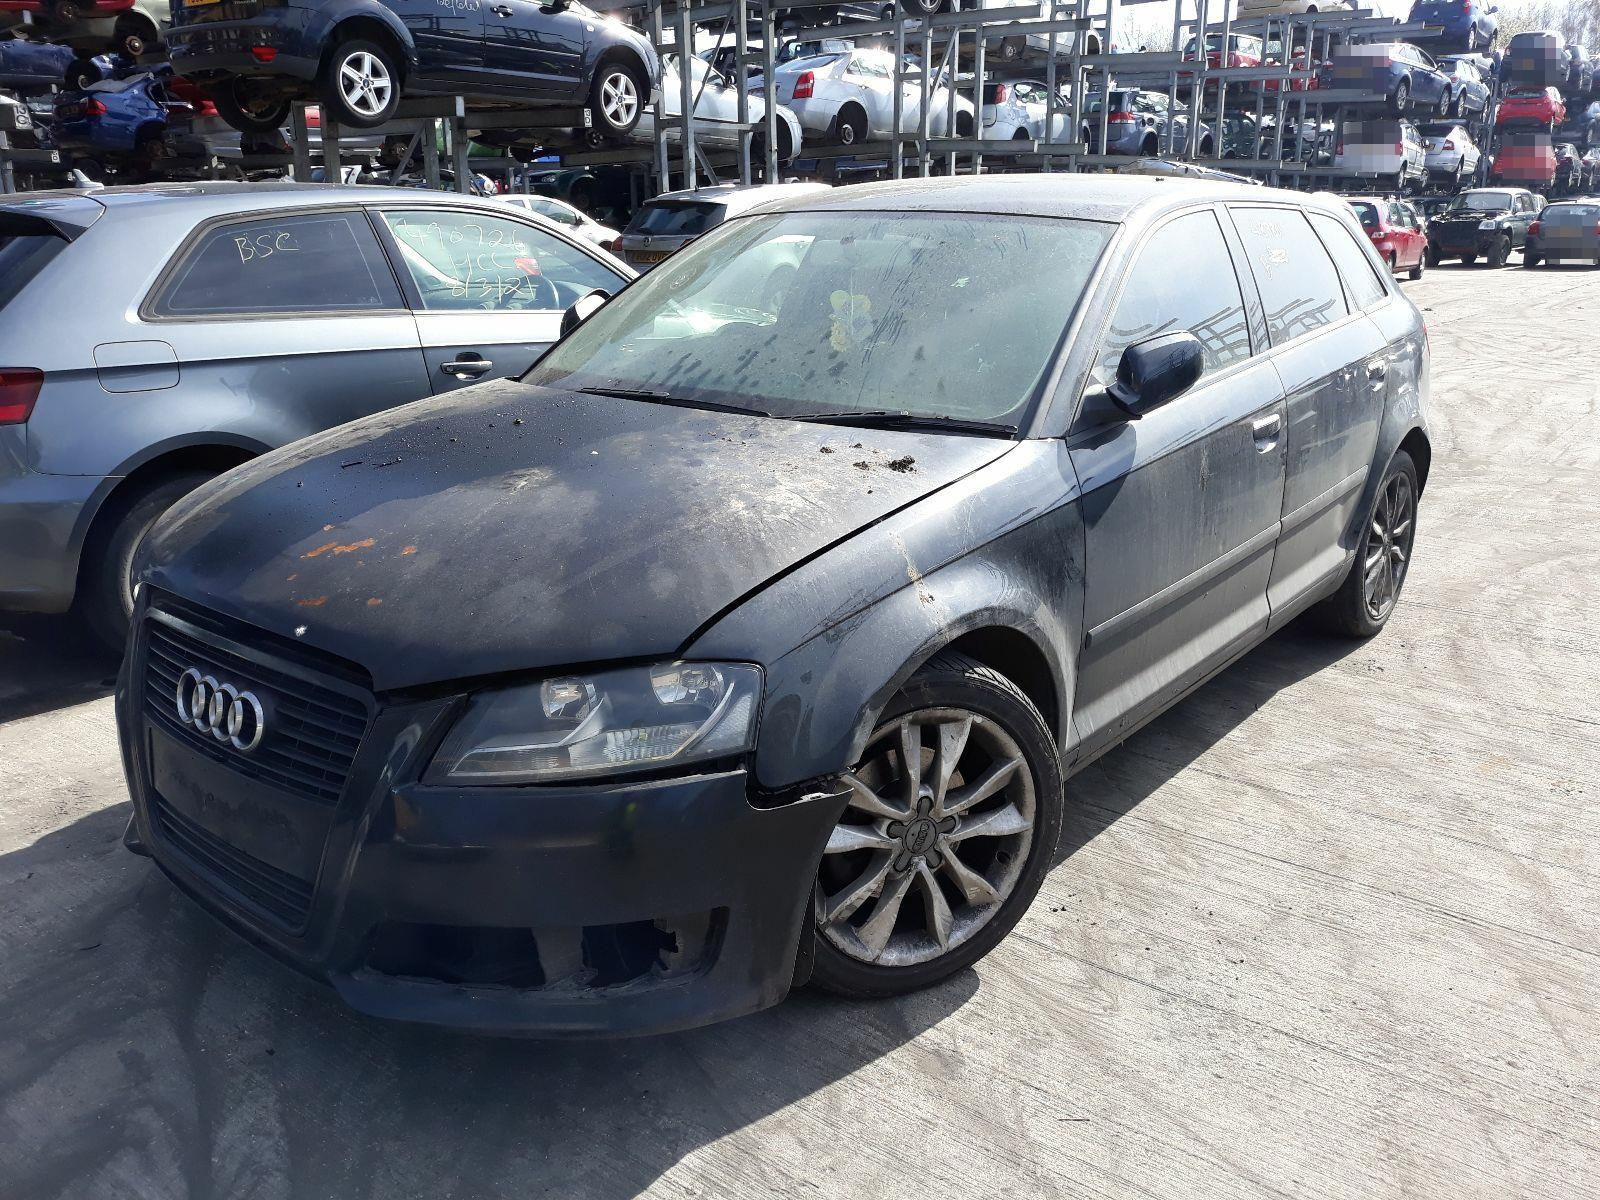 Audi A3 2008 To 2013 Sport TDi 5 Door Hatchback